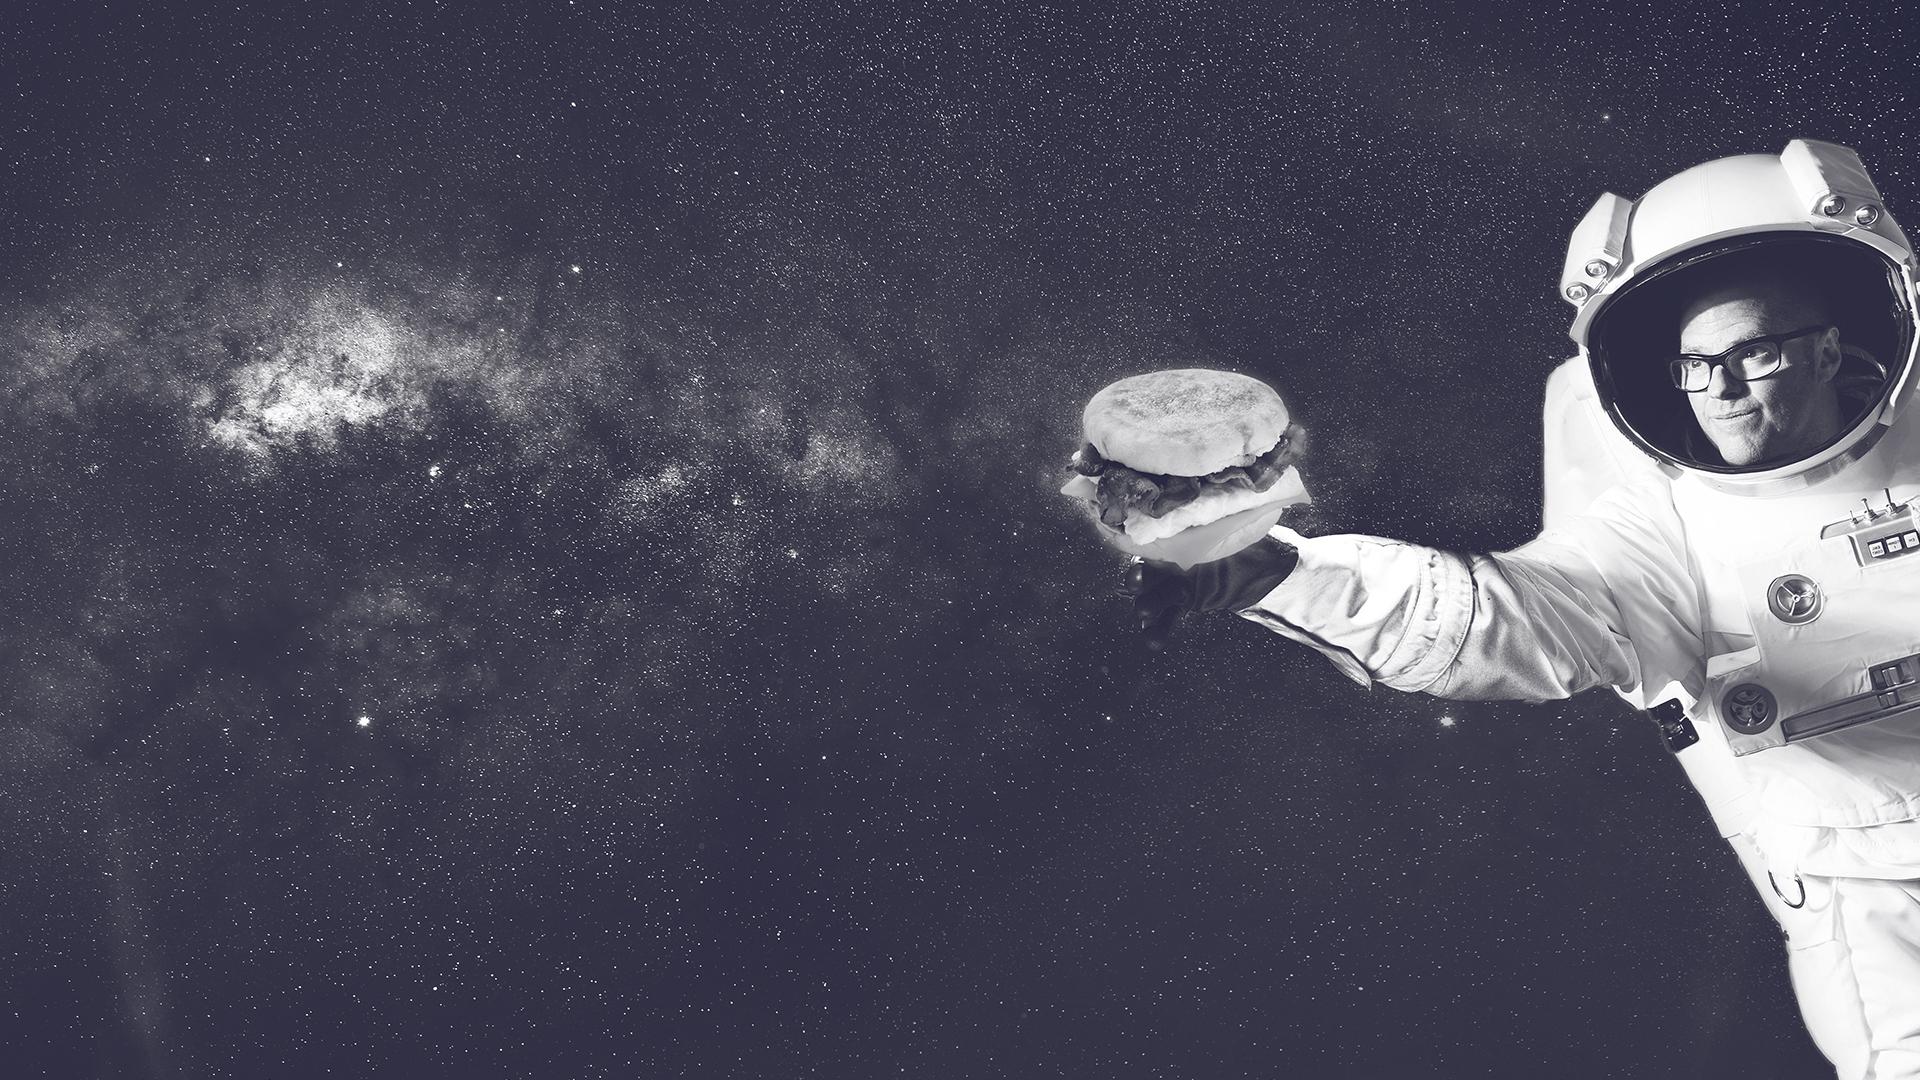 Astronaut mit Burger in der Hand